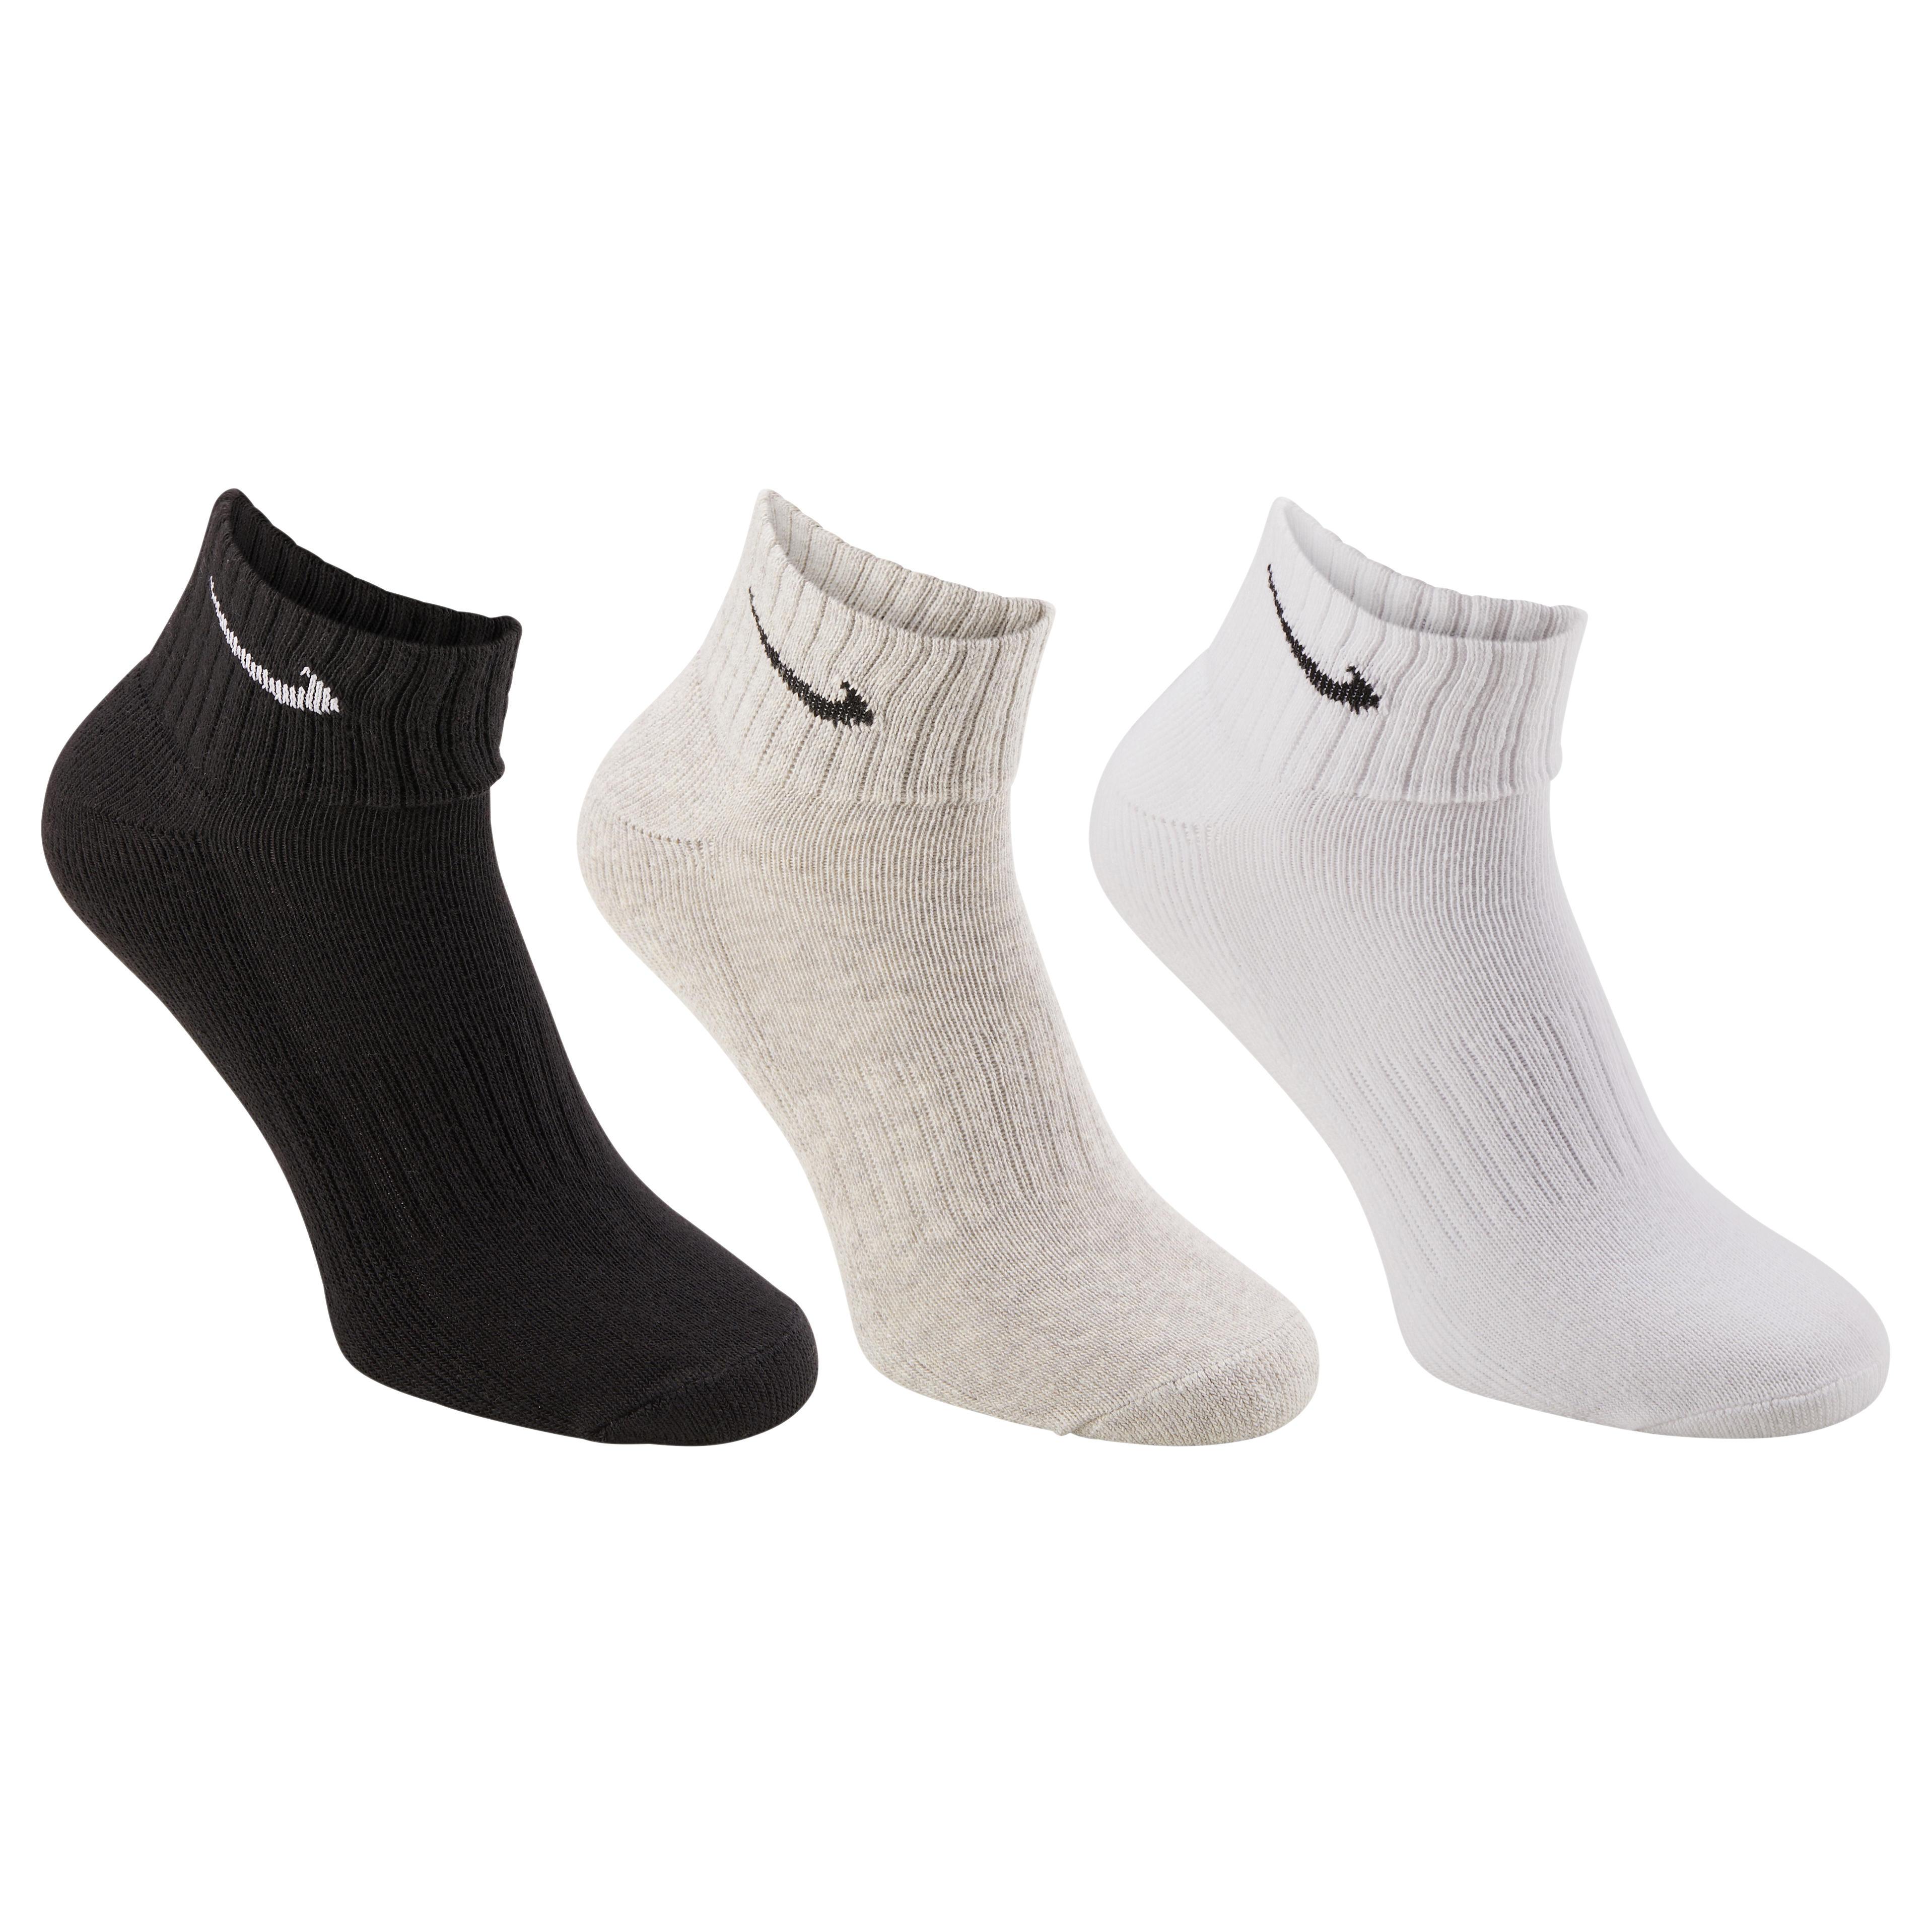 Nike Sokken voor racketsporten Nike Socq wit/zwart/grijs